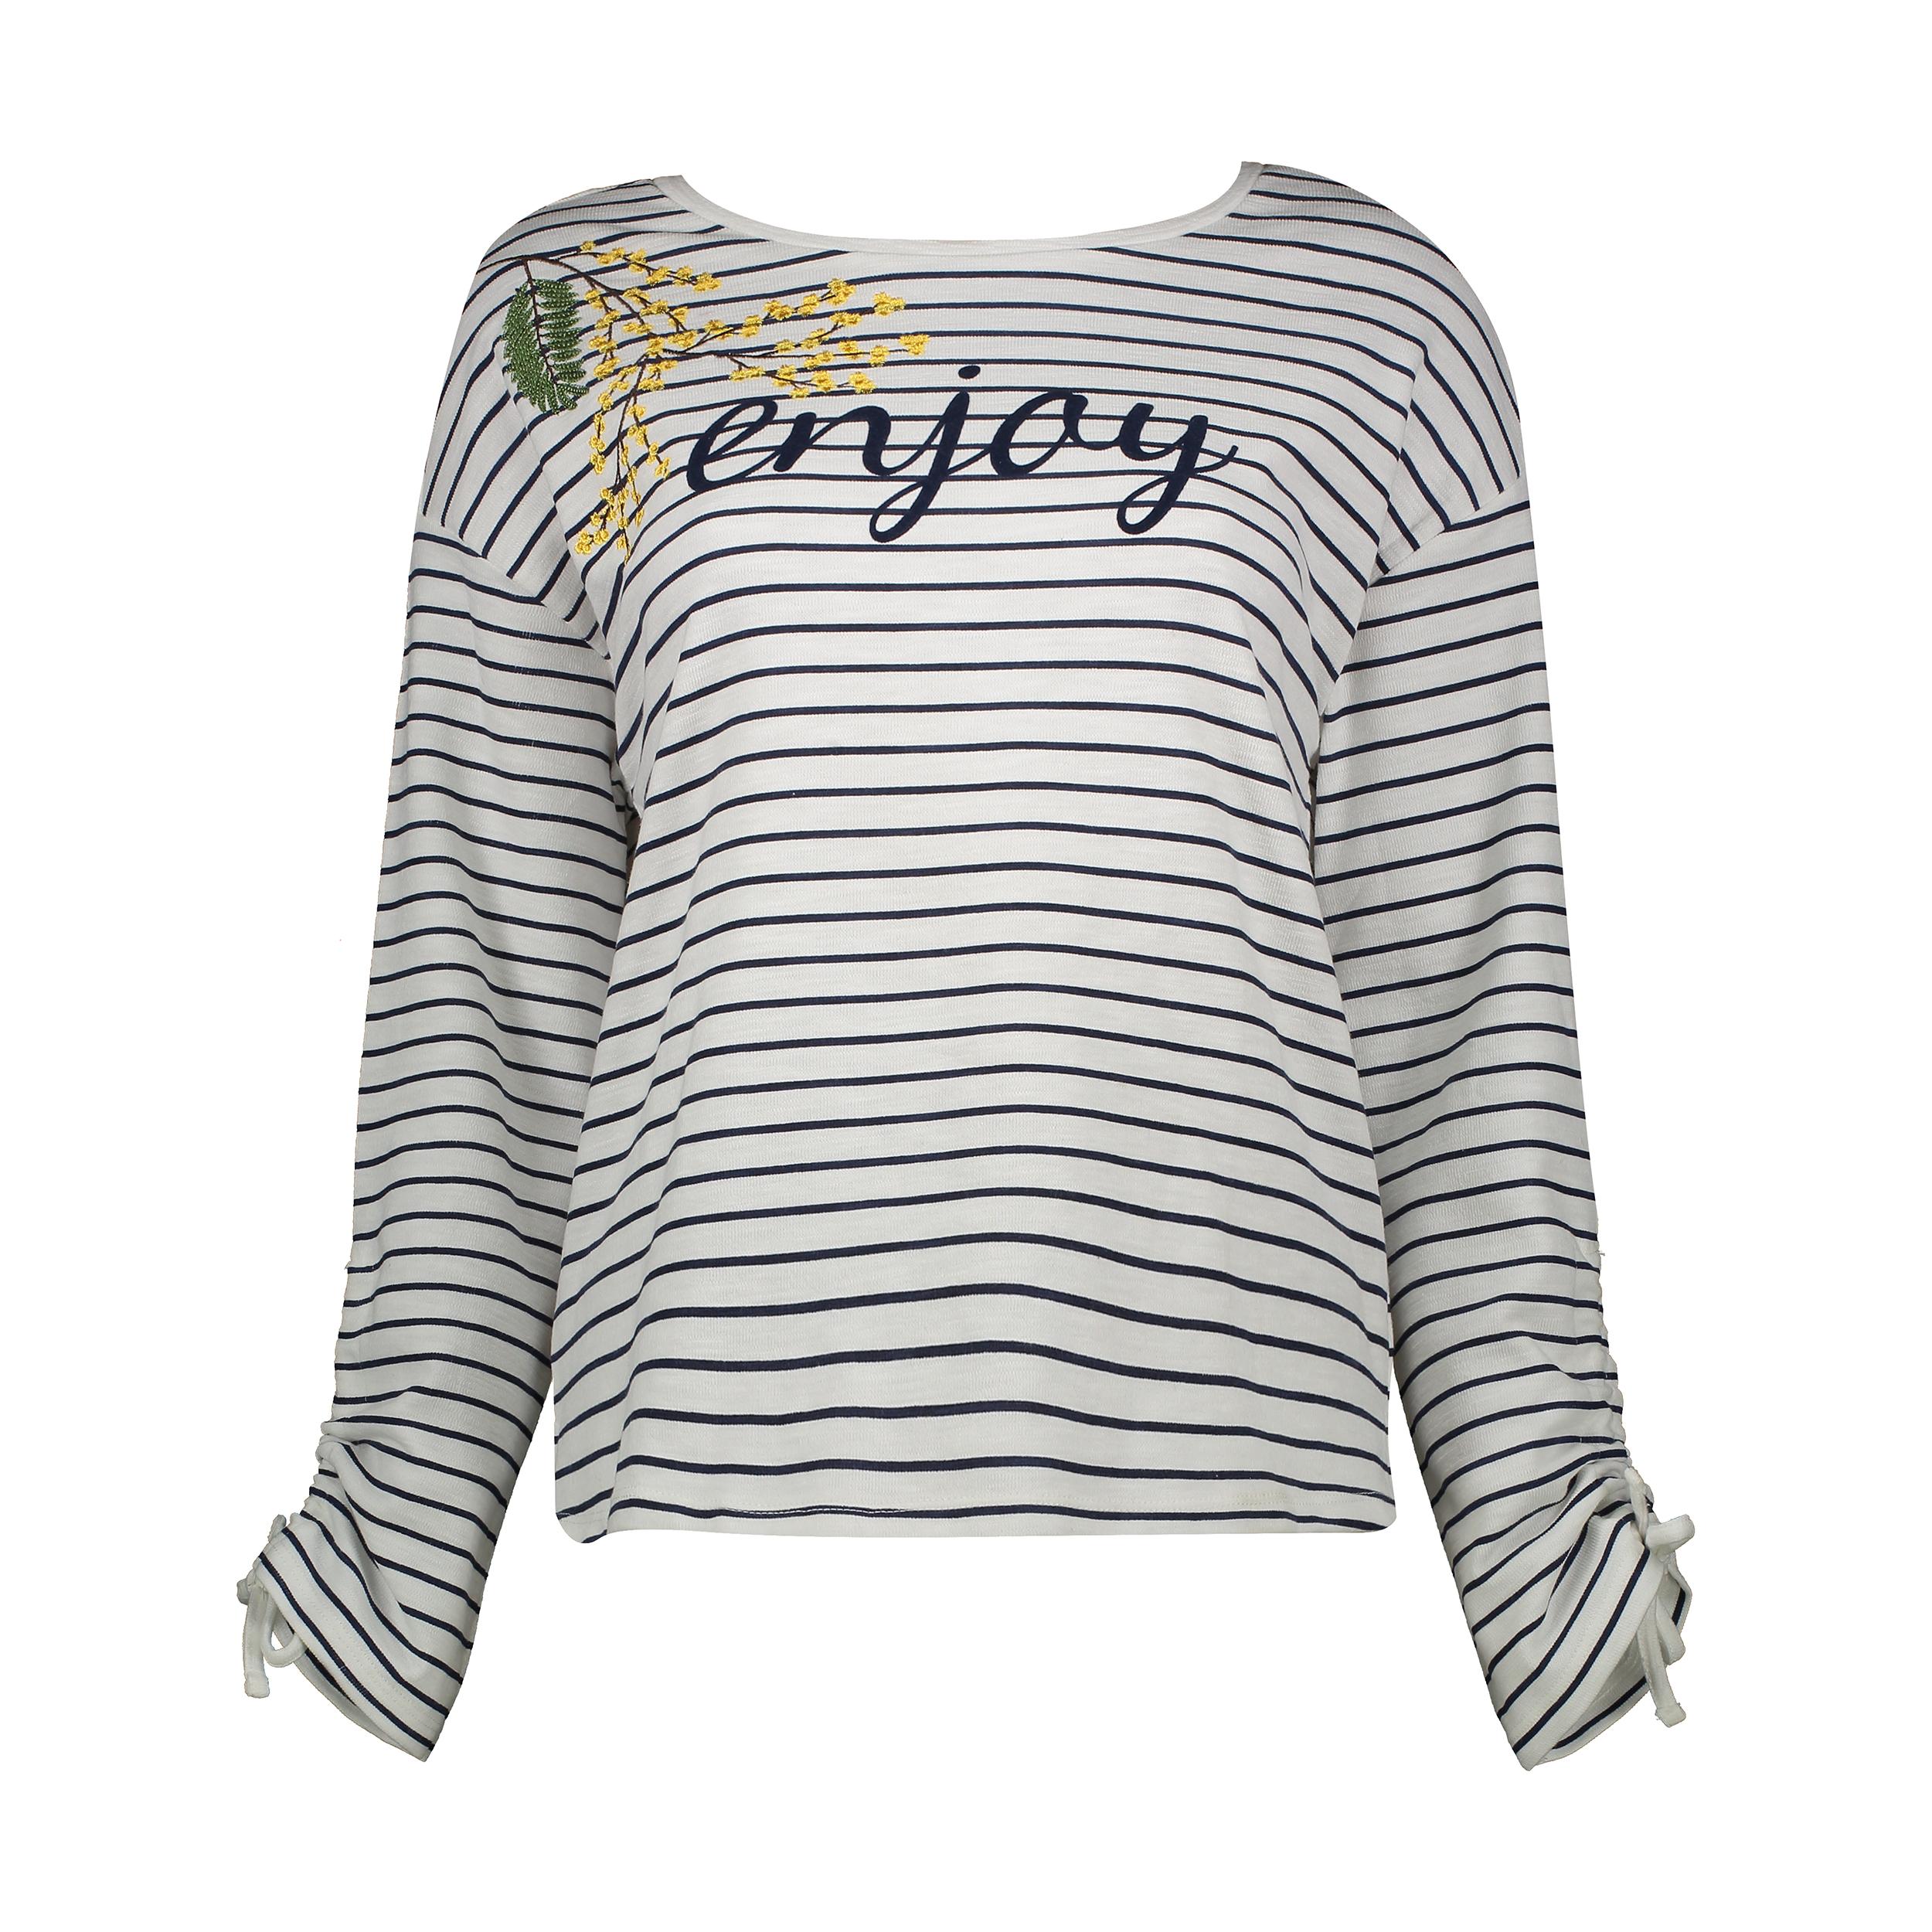 تی شرت زنانه اسپرینگ فیلد مدل 0073598-SEVERAL